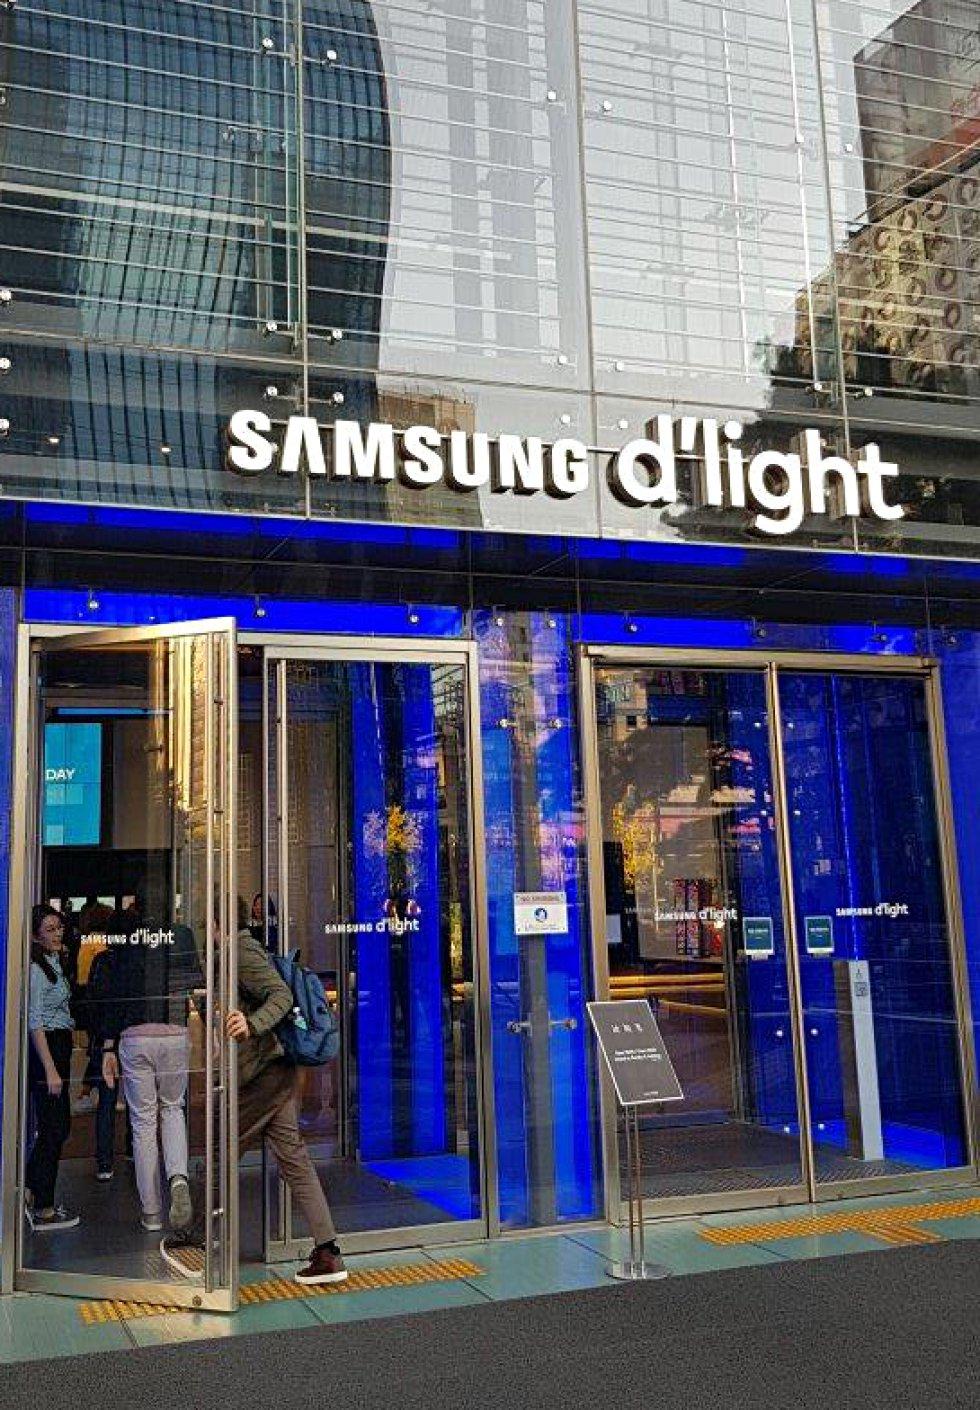 El centro de Seúl cuenta con la mayor tienda de Samsung, situada en lo que fue la sede central del 'chaebol', denominación del modelo del conglomerado empresarial coreano que incluye, además del complejo tecnológico, desde hoteles hasta agencias de publicidad, constructoras o compañías de seguros, entre otras decenas de empresas.